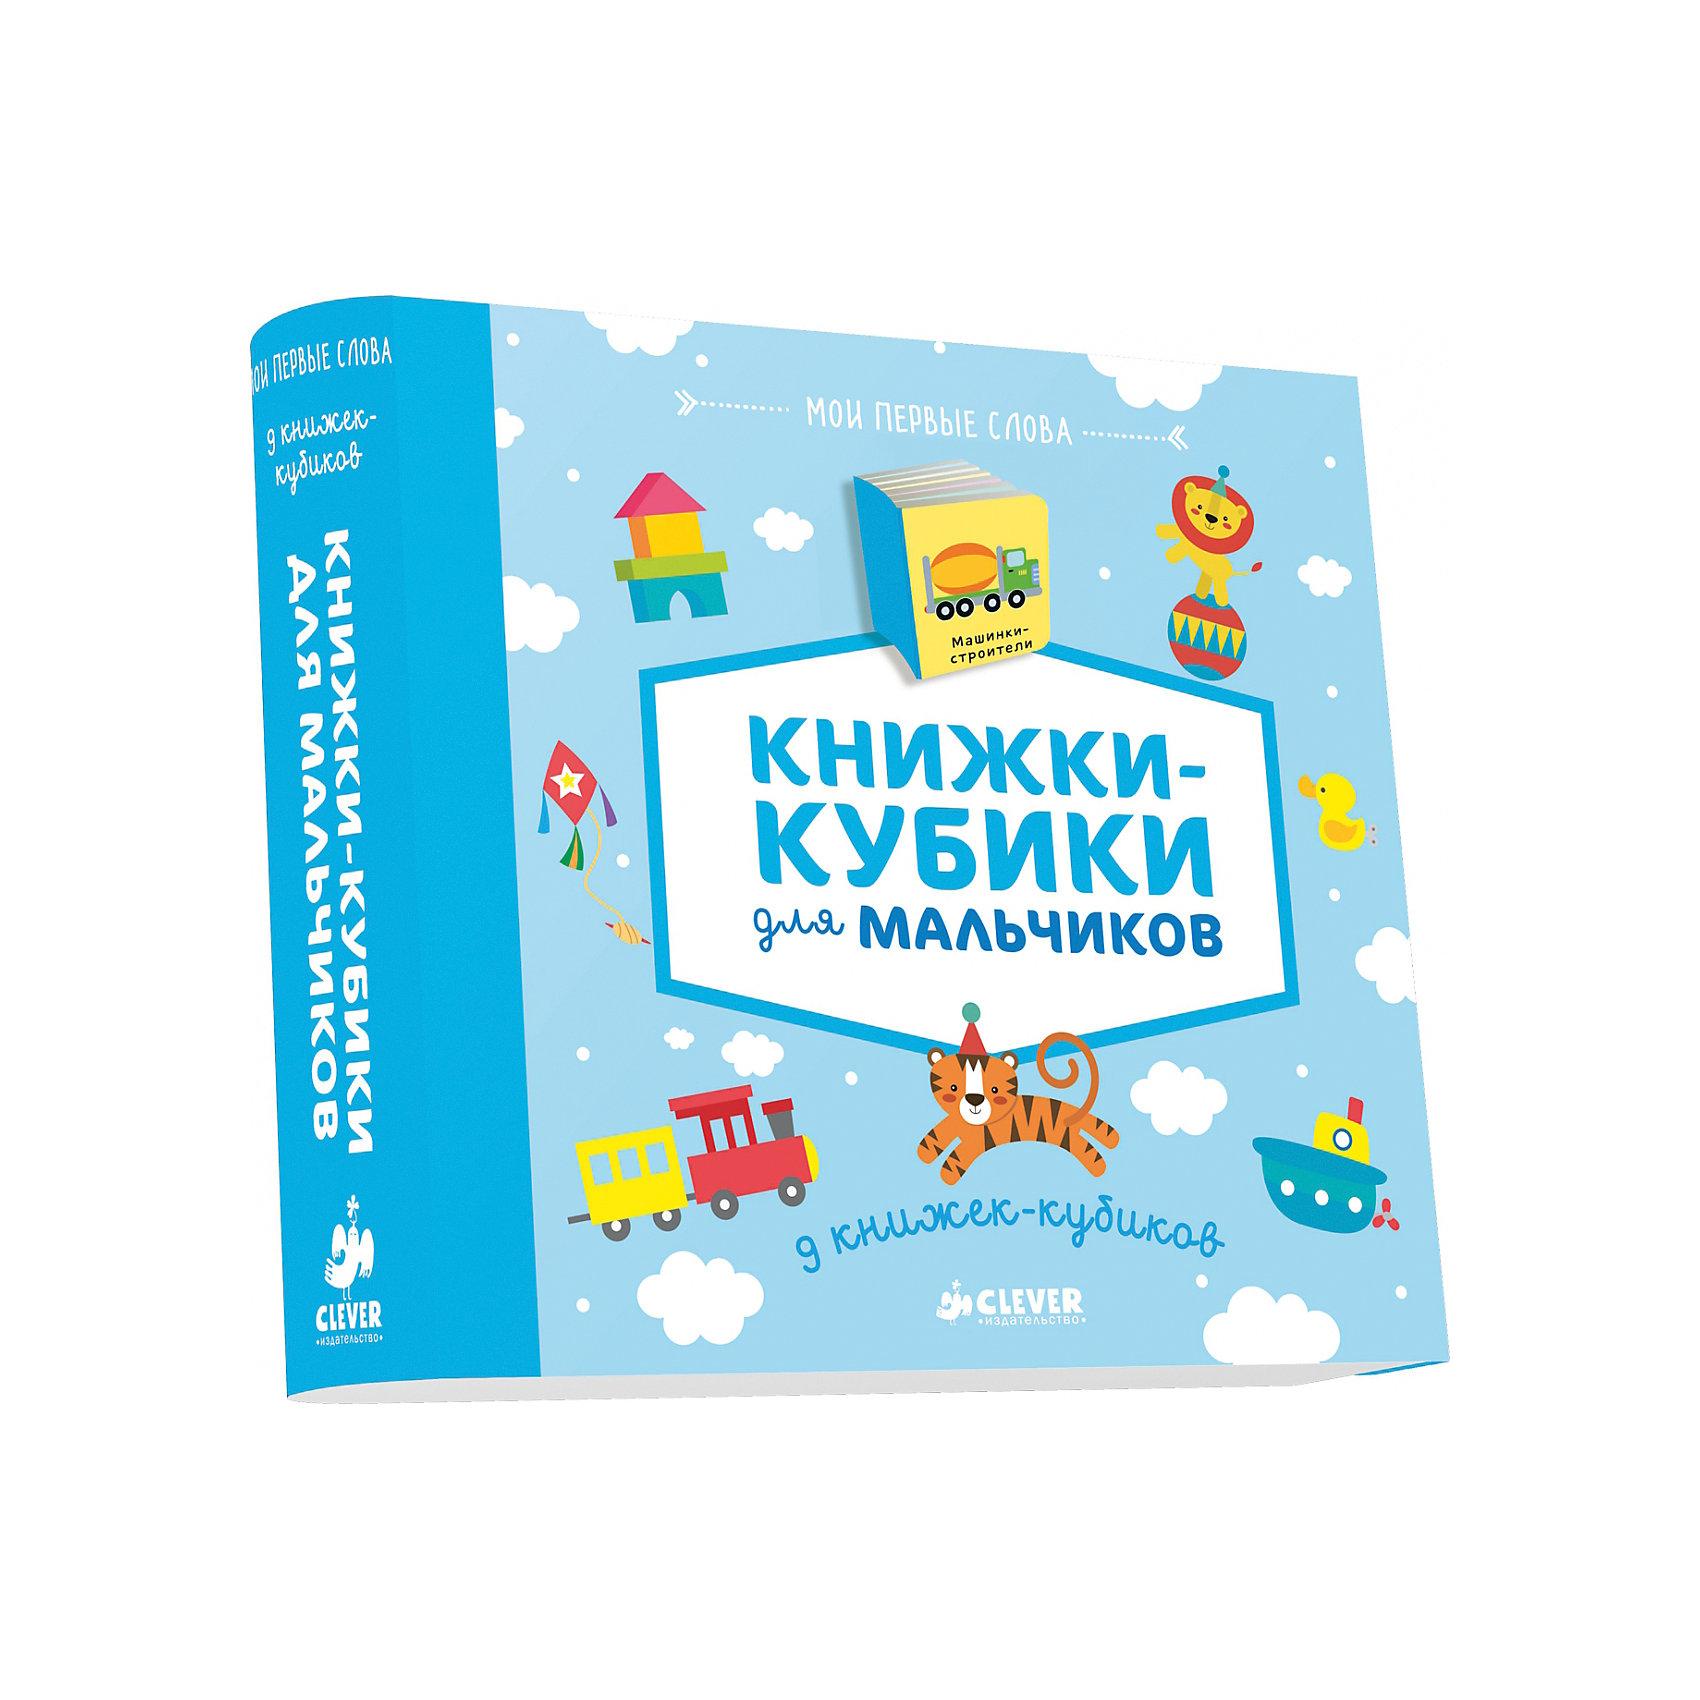 9 книжек-кубиков Книжки-кубики для мальчиков, Мои первые словаПервые книги малыша<br>Характеристики 9 книжек-кубиков Книжки-кубики для мальчиков, Мои первые слова:<br><br>• возраст от: до 3 лет<br>• пол: для мальчиков<br>• комплект: 9 книжек-кубиков.<br>• материал: картон.<br>• количество страниц: 10.<br>• страницы : плотный картон<br>• размер: 16х18х3 см <br>• вес: 539 г<br>• упаковка: картонная коробка.<br>• общее количество страниц: 90<br>• тип обложки: твердая.<br>• иллюстрации: цветные.<br>• бренд: Издательство Clever<br>• страна происхождения: Россия.<br><br>Книжки-кубики для мальчиков – это интересный набор из серии Мои первые слова от издательства Clever, который подойдет младшим детишкам в возрасте до трех лет.<br><br>В набор входят книги, которые оформлены в виде кубиков. Они располагаются в удобной коробке, которую можно брать с собой в путешествия. Тематика книжек может понравиться мальчикам – в них рассказывается о машинках, музыкальных инструментах, о строительной технике и об инструментах. Кроме того, в комплект входят книжки с общими для девочек и мальчиков темами о семье, частях тела и лица, одежде и профессиях.<br><br>Страницы книжек очень плотные и прочные, поэтому маленький ребенок не сможет порвать их или помять. На каждой странице изображена яркая цветная картинка и написано слово, обозначающее данный предмет.<br><br>9 книжек-кубиков Книжки-кубики для мальчиков, Мои первые слова можно купить в нашем интернет-магазине.<br><br>Ширина мм: 160<br>Глубина мм: 180<br>Высота мм: 30<br>Вес г: 553<br>Возраст от месяцев: 0<br>Возраст до месяцев: 36<br>Пол: Мужской<br>Возраст: Детский<br>SKU: 5377800